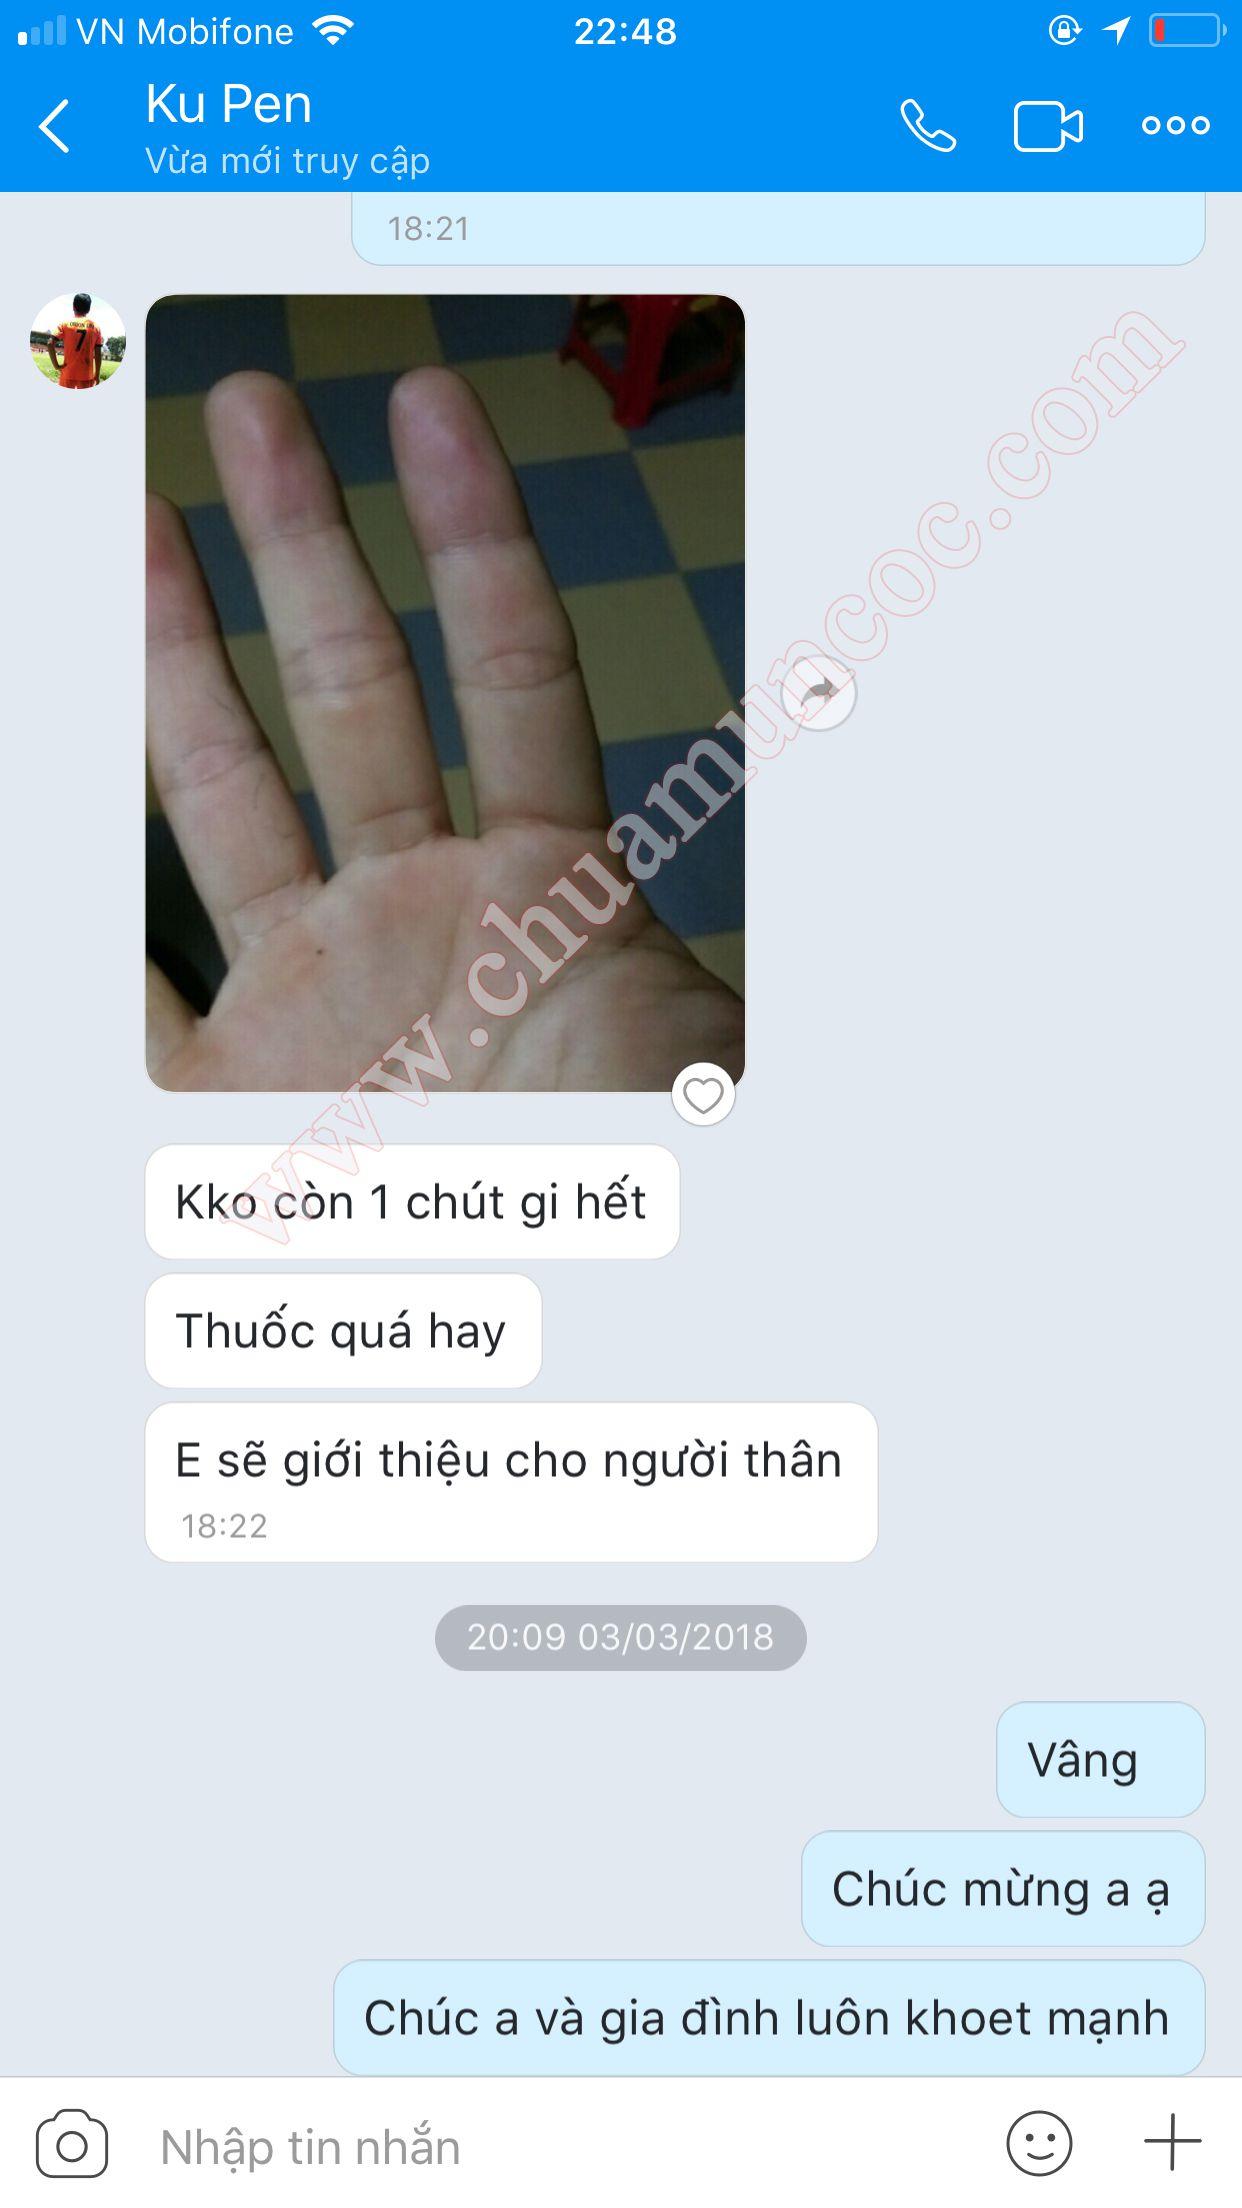 Bàn tay mụn cóc của Ku Pen